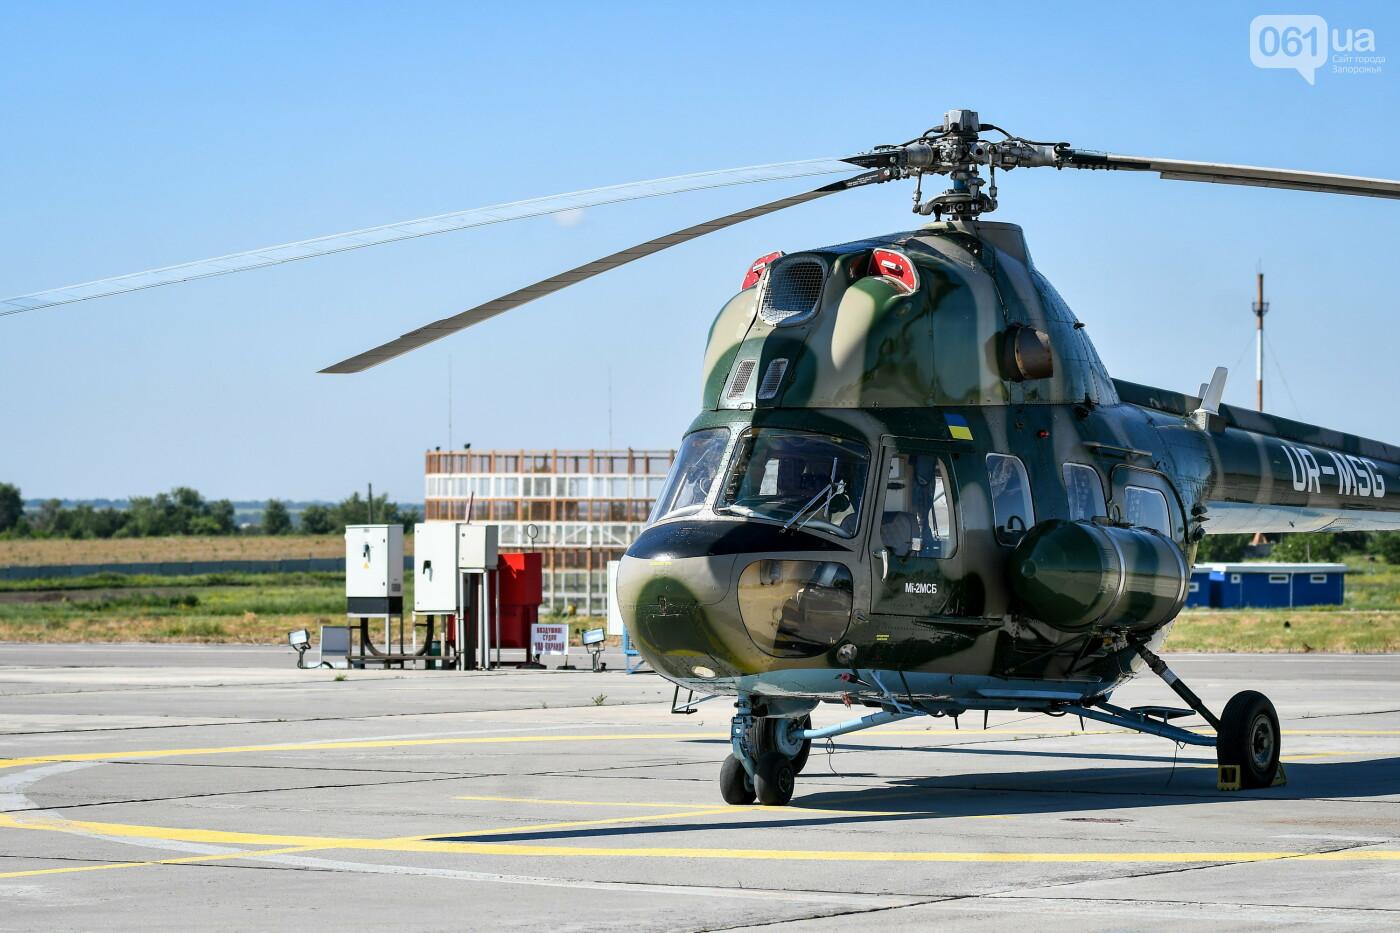 В Запорожье проходят соревнования по вертолетному спорту, - ФОТОРЕПОРТАЖ, фото-29